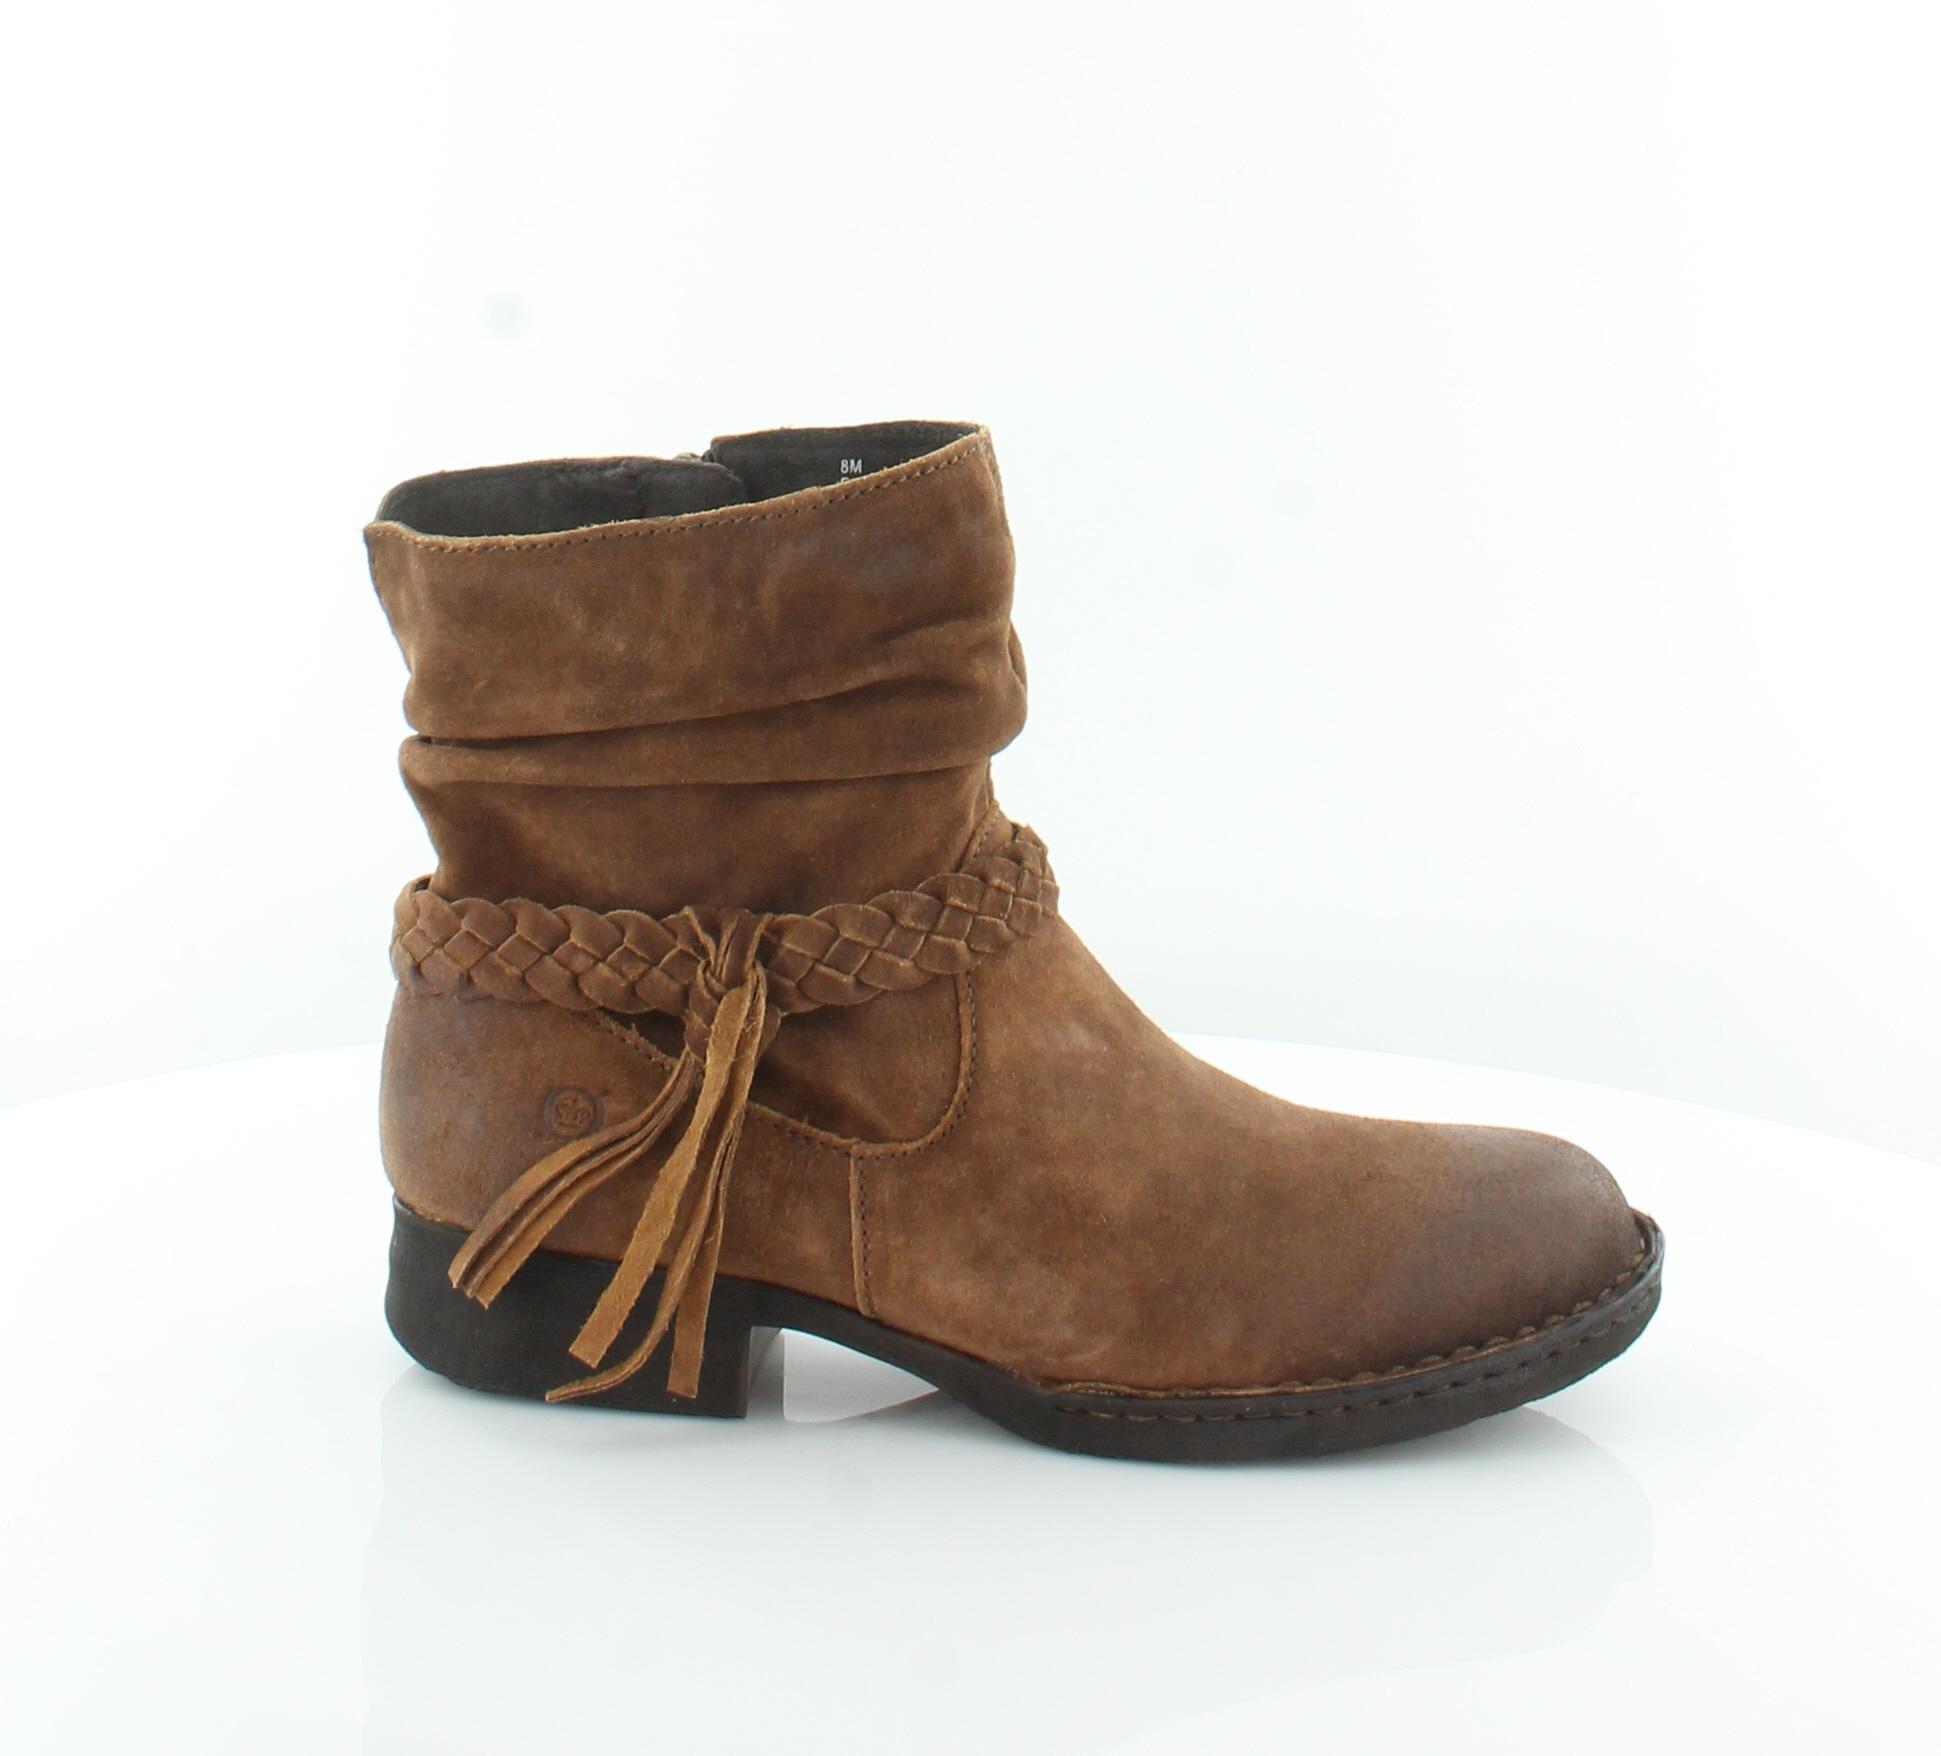 Né New abernath Marron Pour Femme Chaussures Taille 8 M Bottes fabricants Standard prix de détail  150